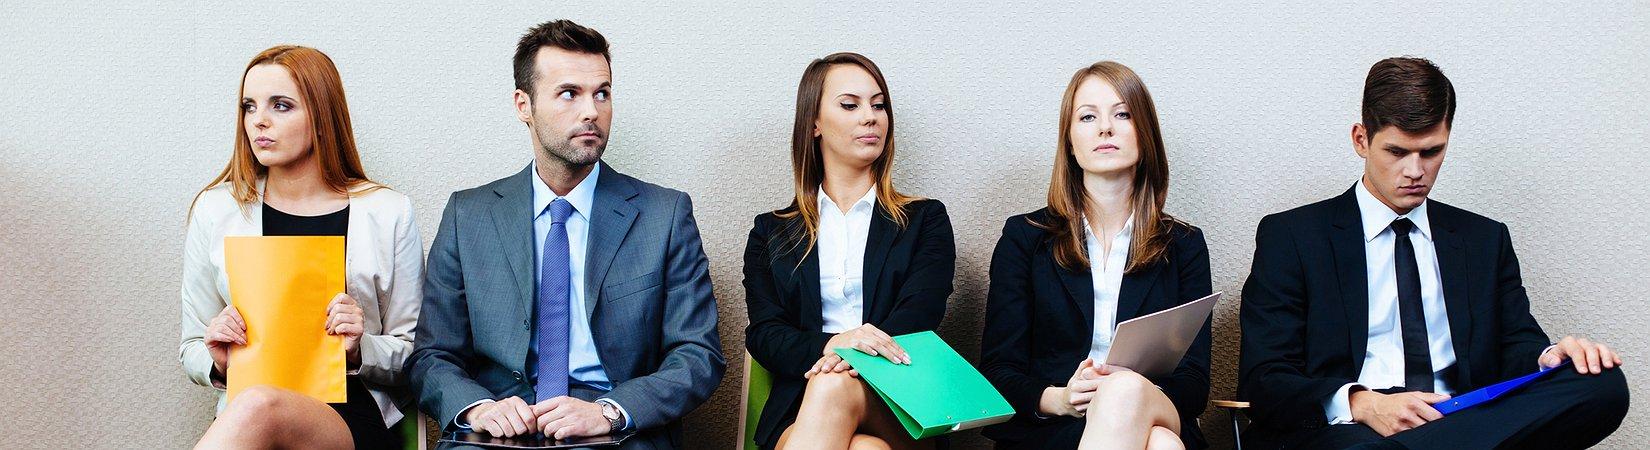 5 عبارات ستمنعك من الحصول على الوظيفة